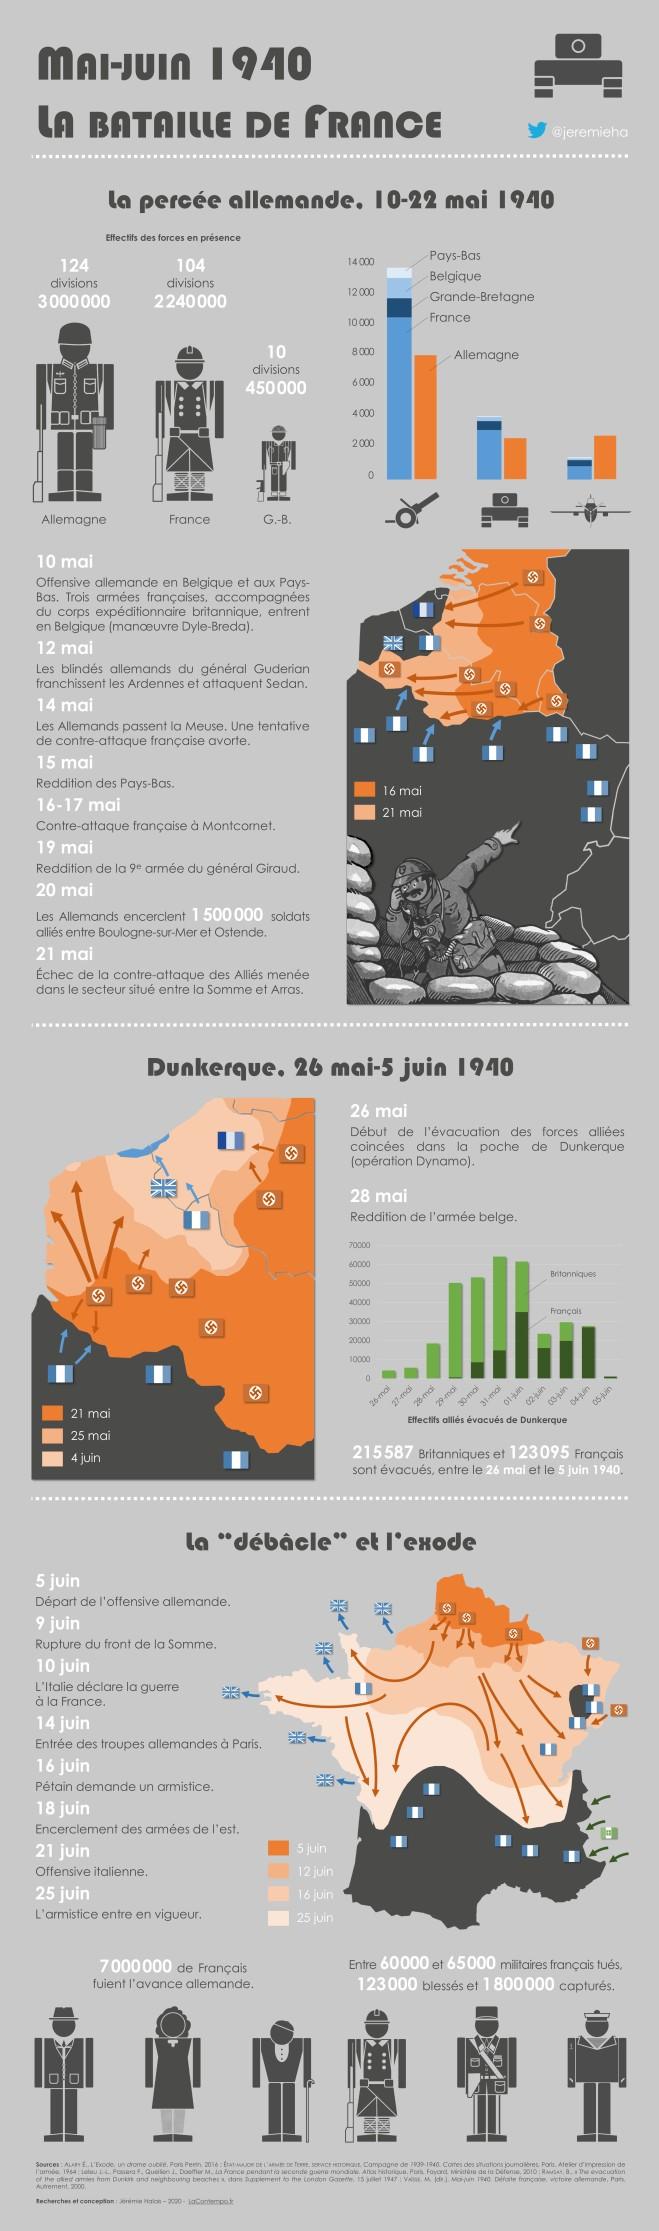 Mai-juin 1940, la bataille de France (© Jérémie Halais)